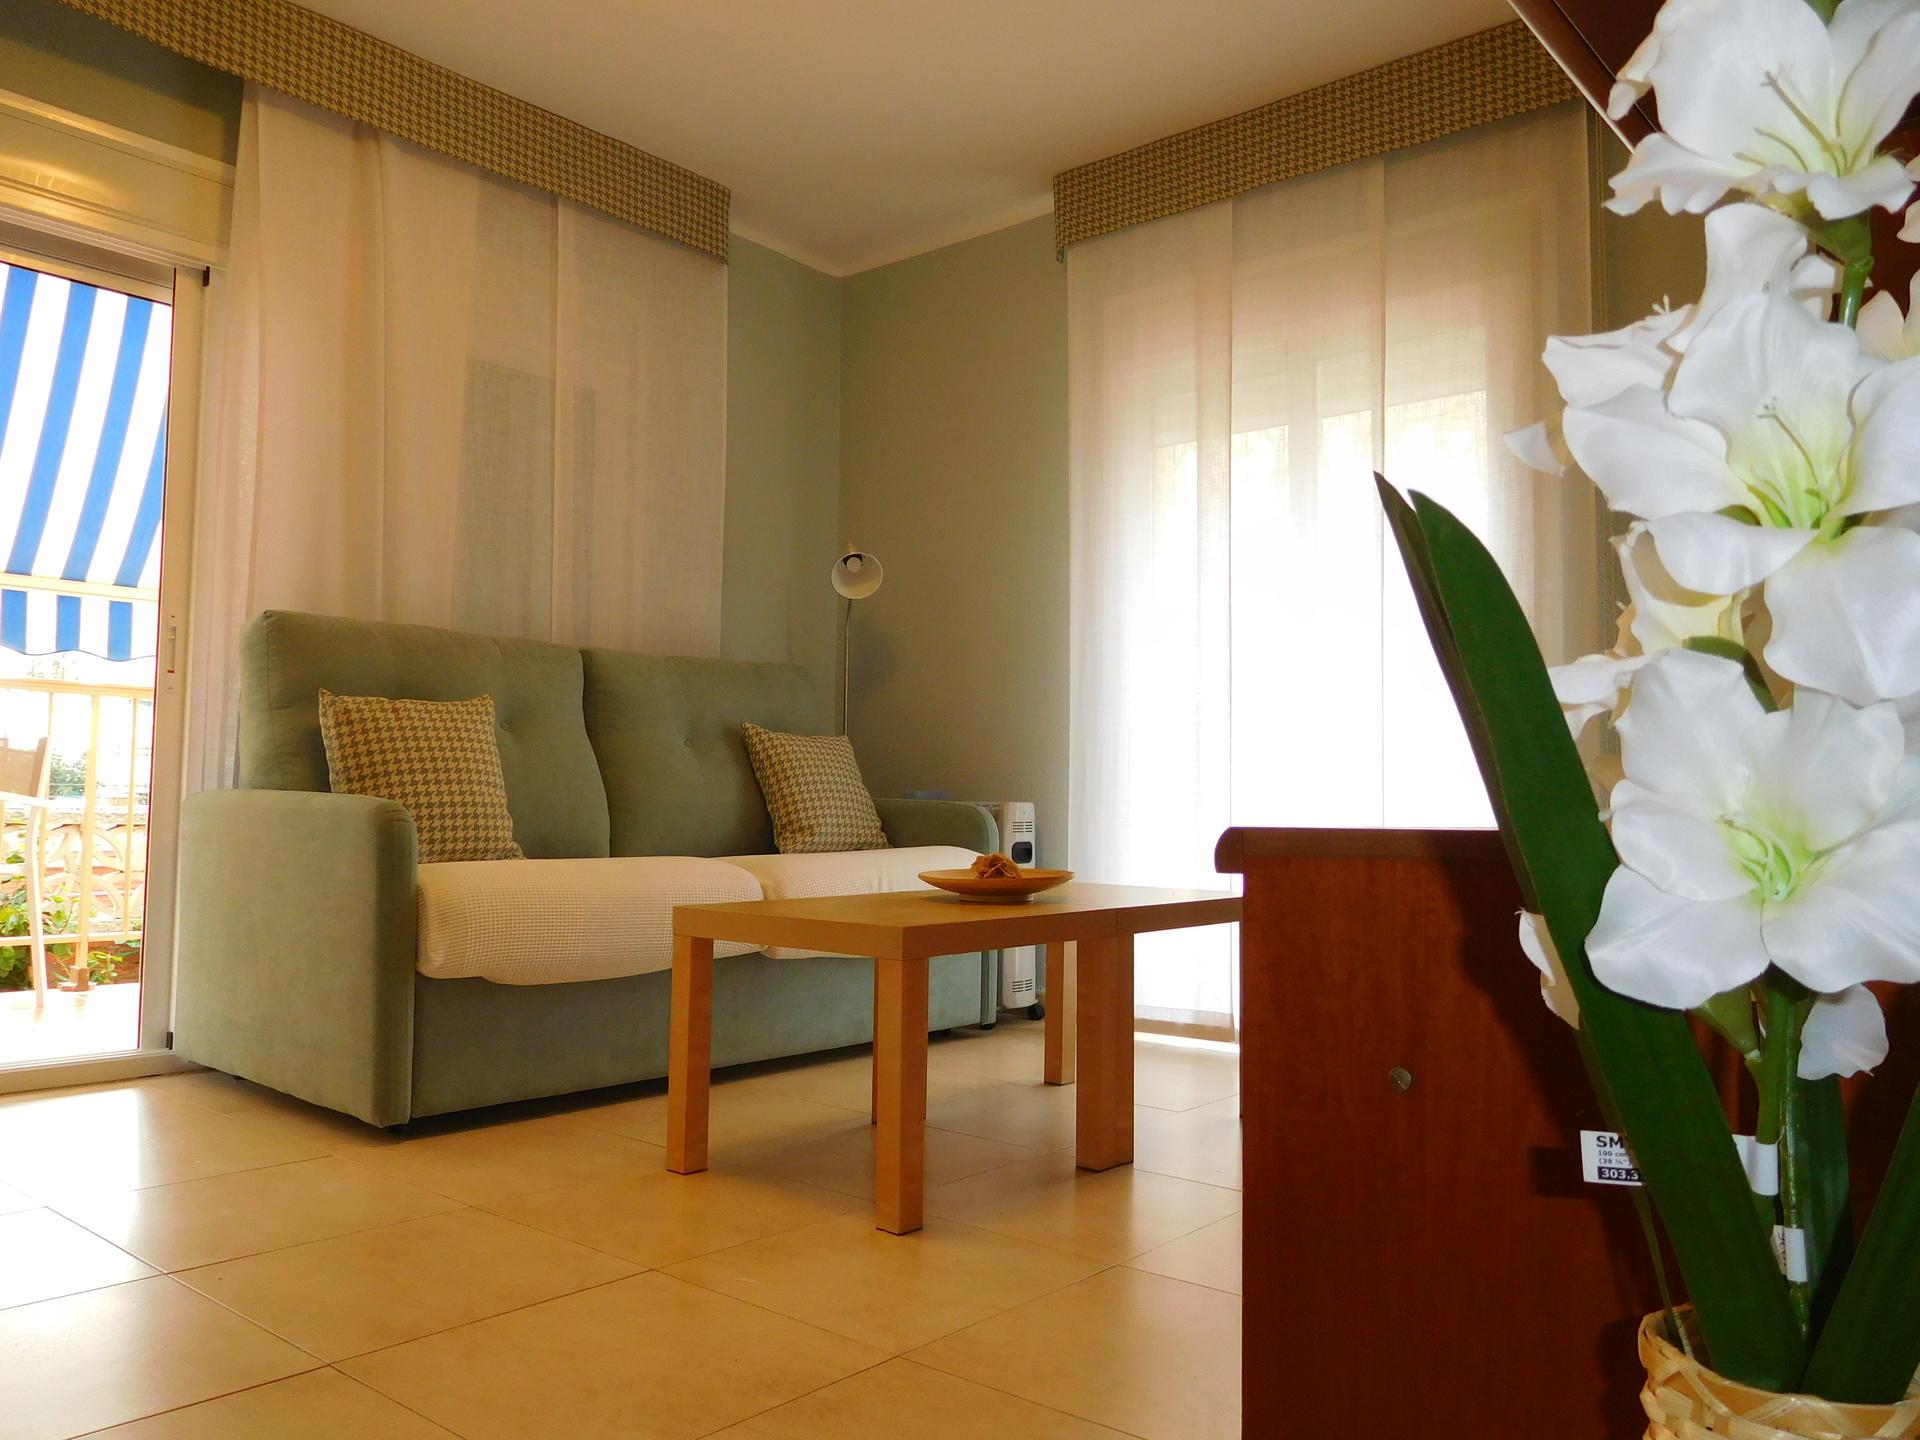 Appartement -                                       Cambrils -                                       2 Schlafzimmer -                                       4 Personen